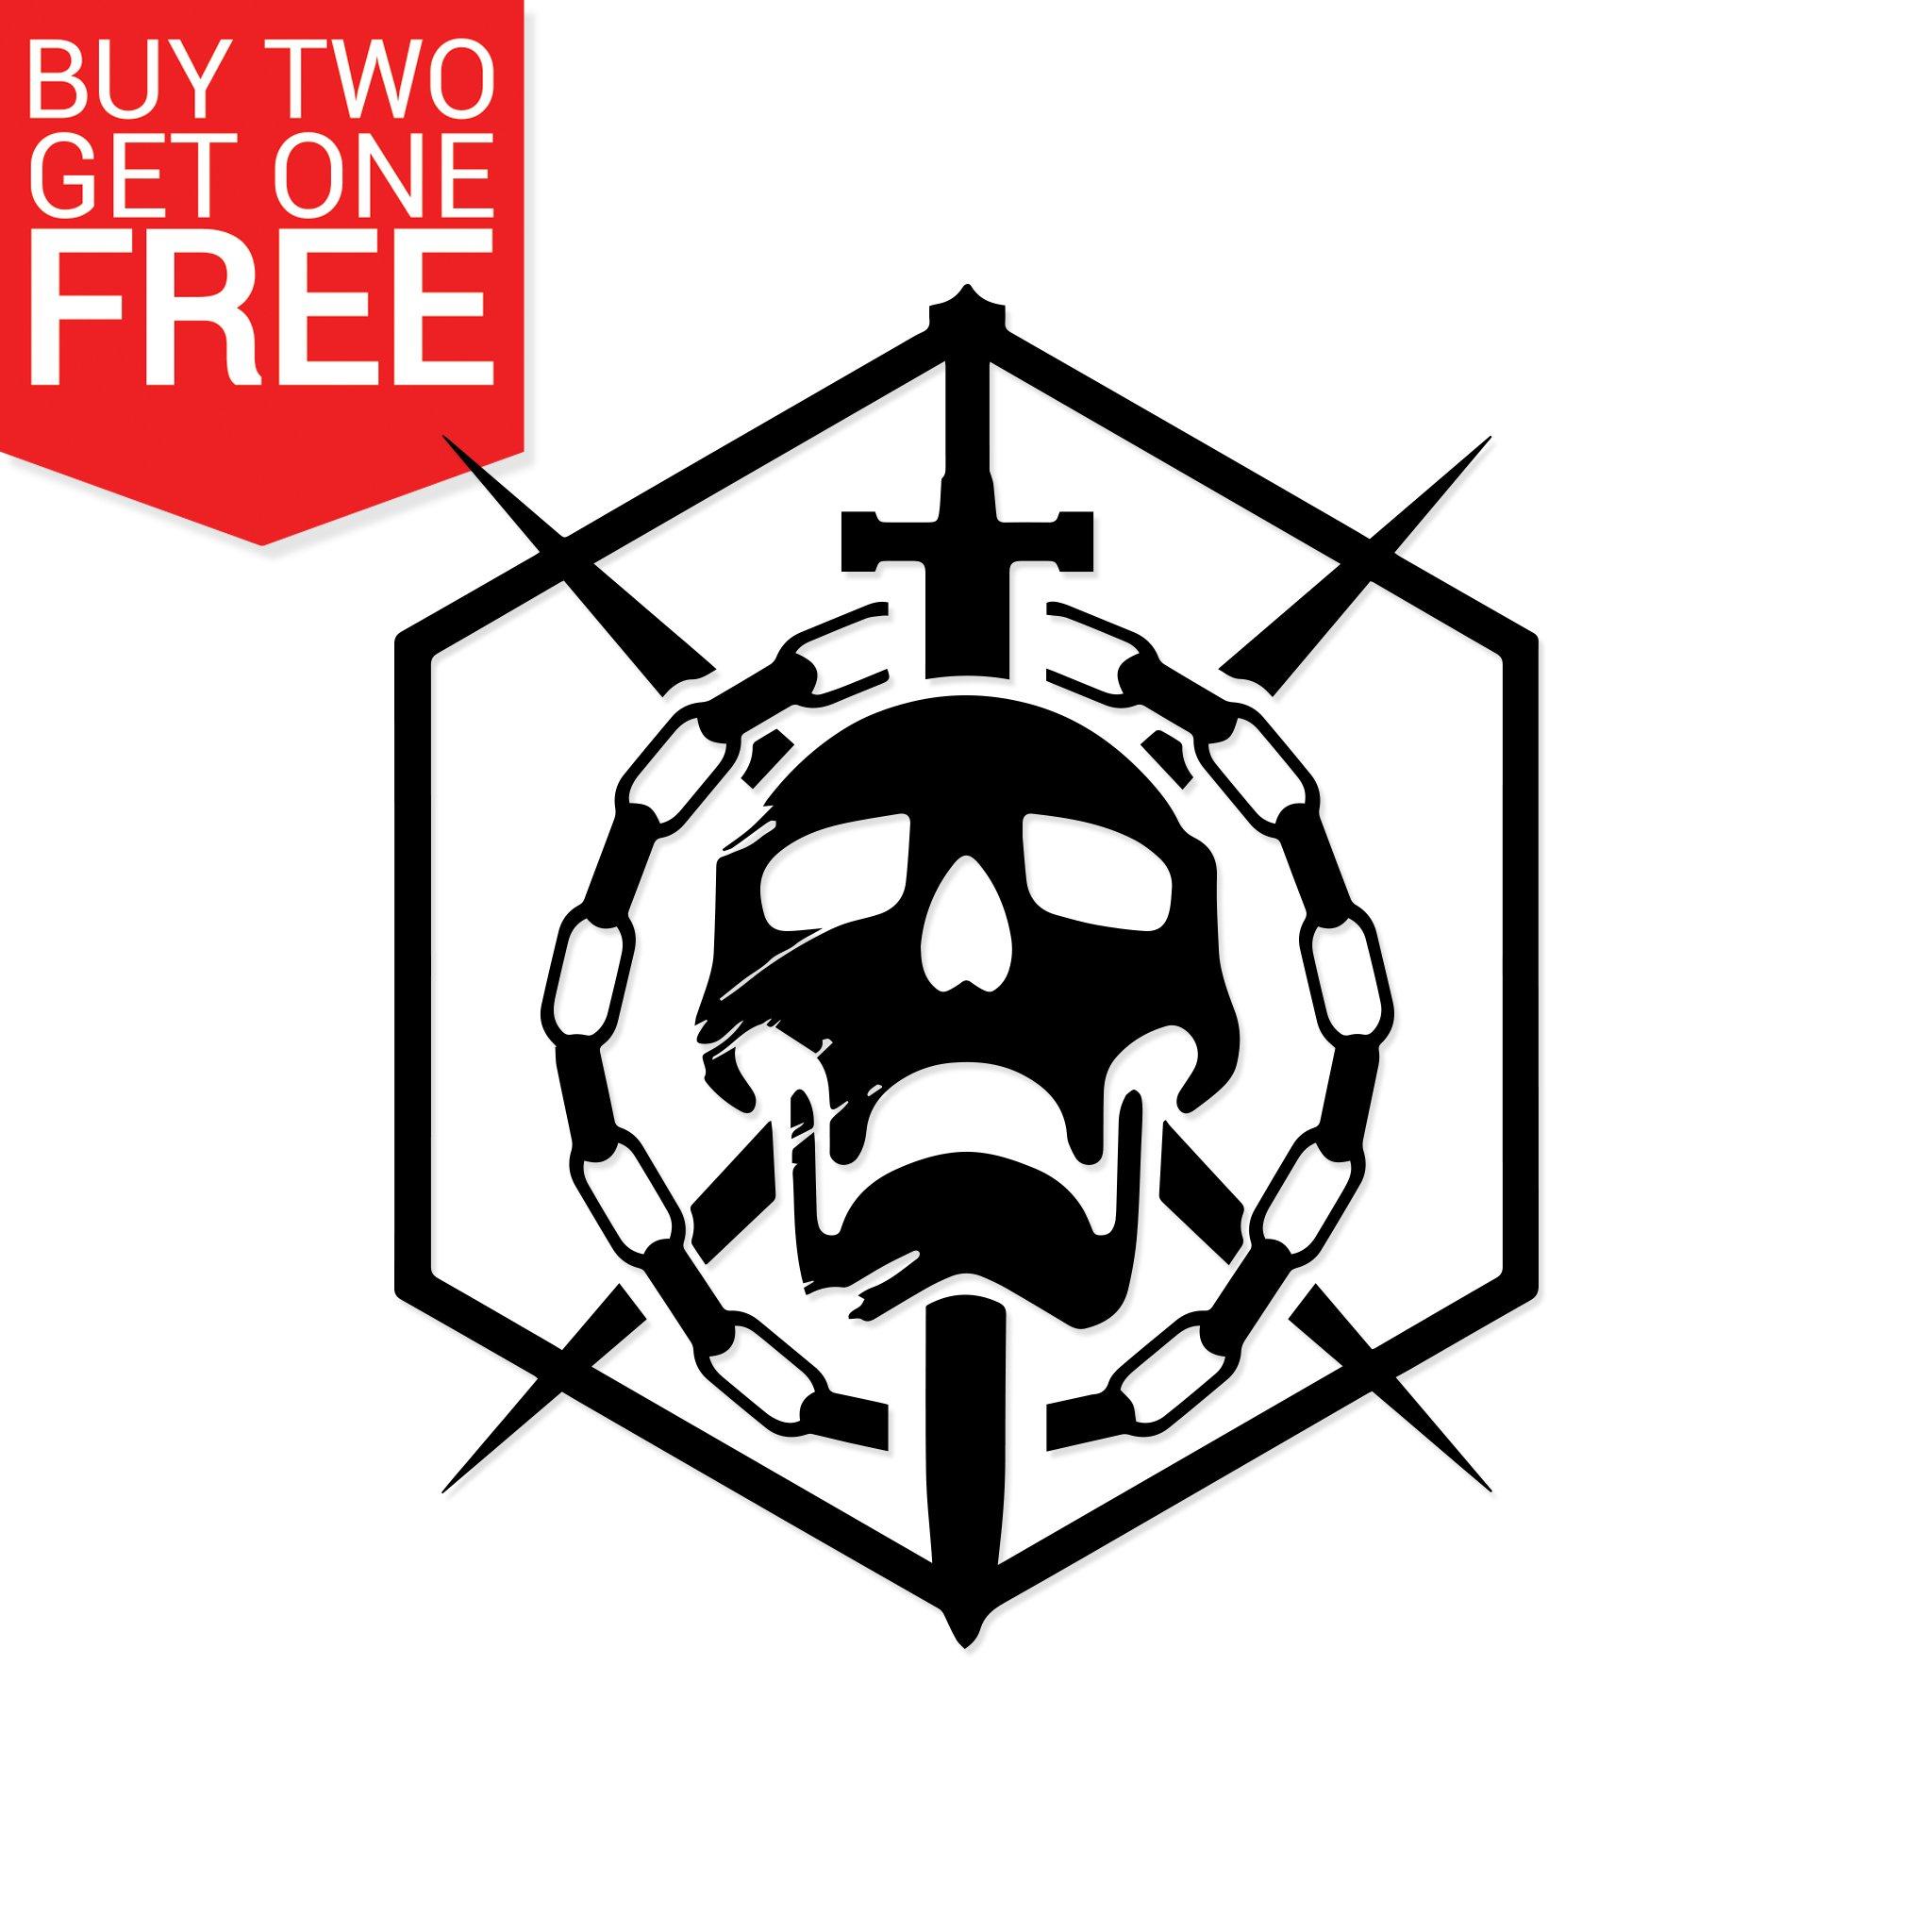 Destiny 2 Raid Emblem Vinyl Decal.